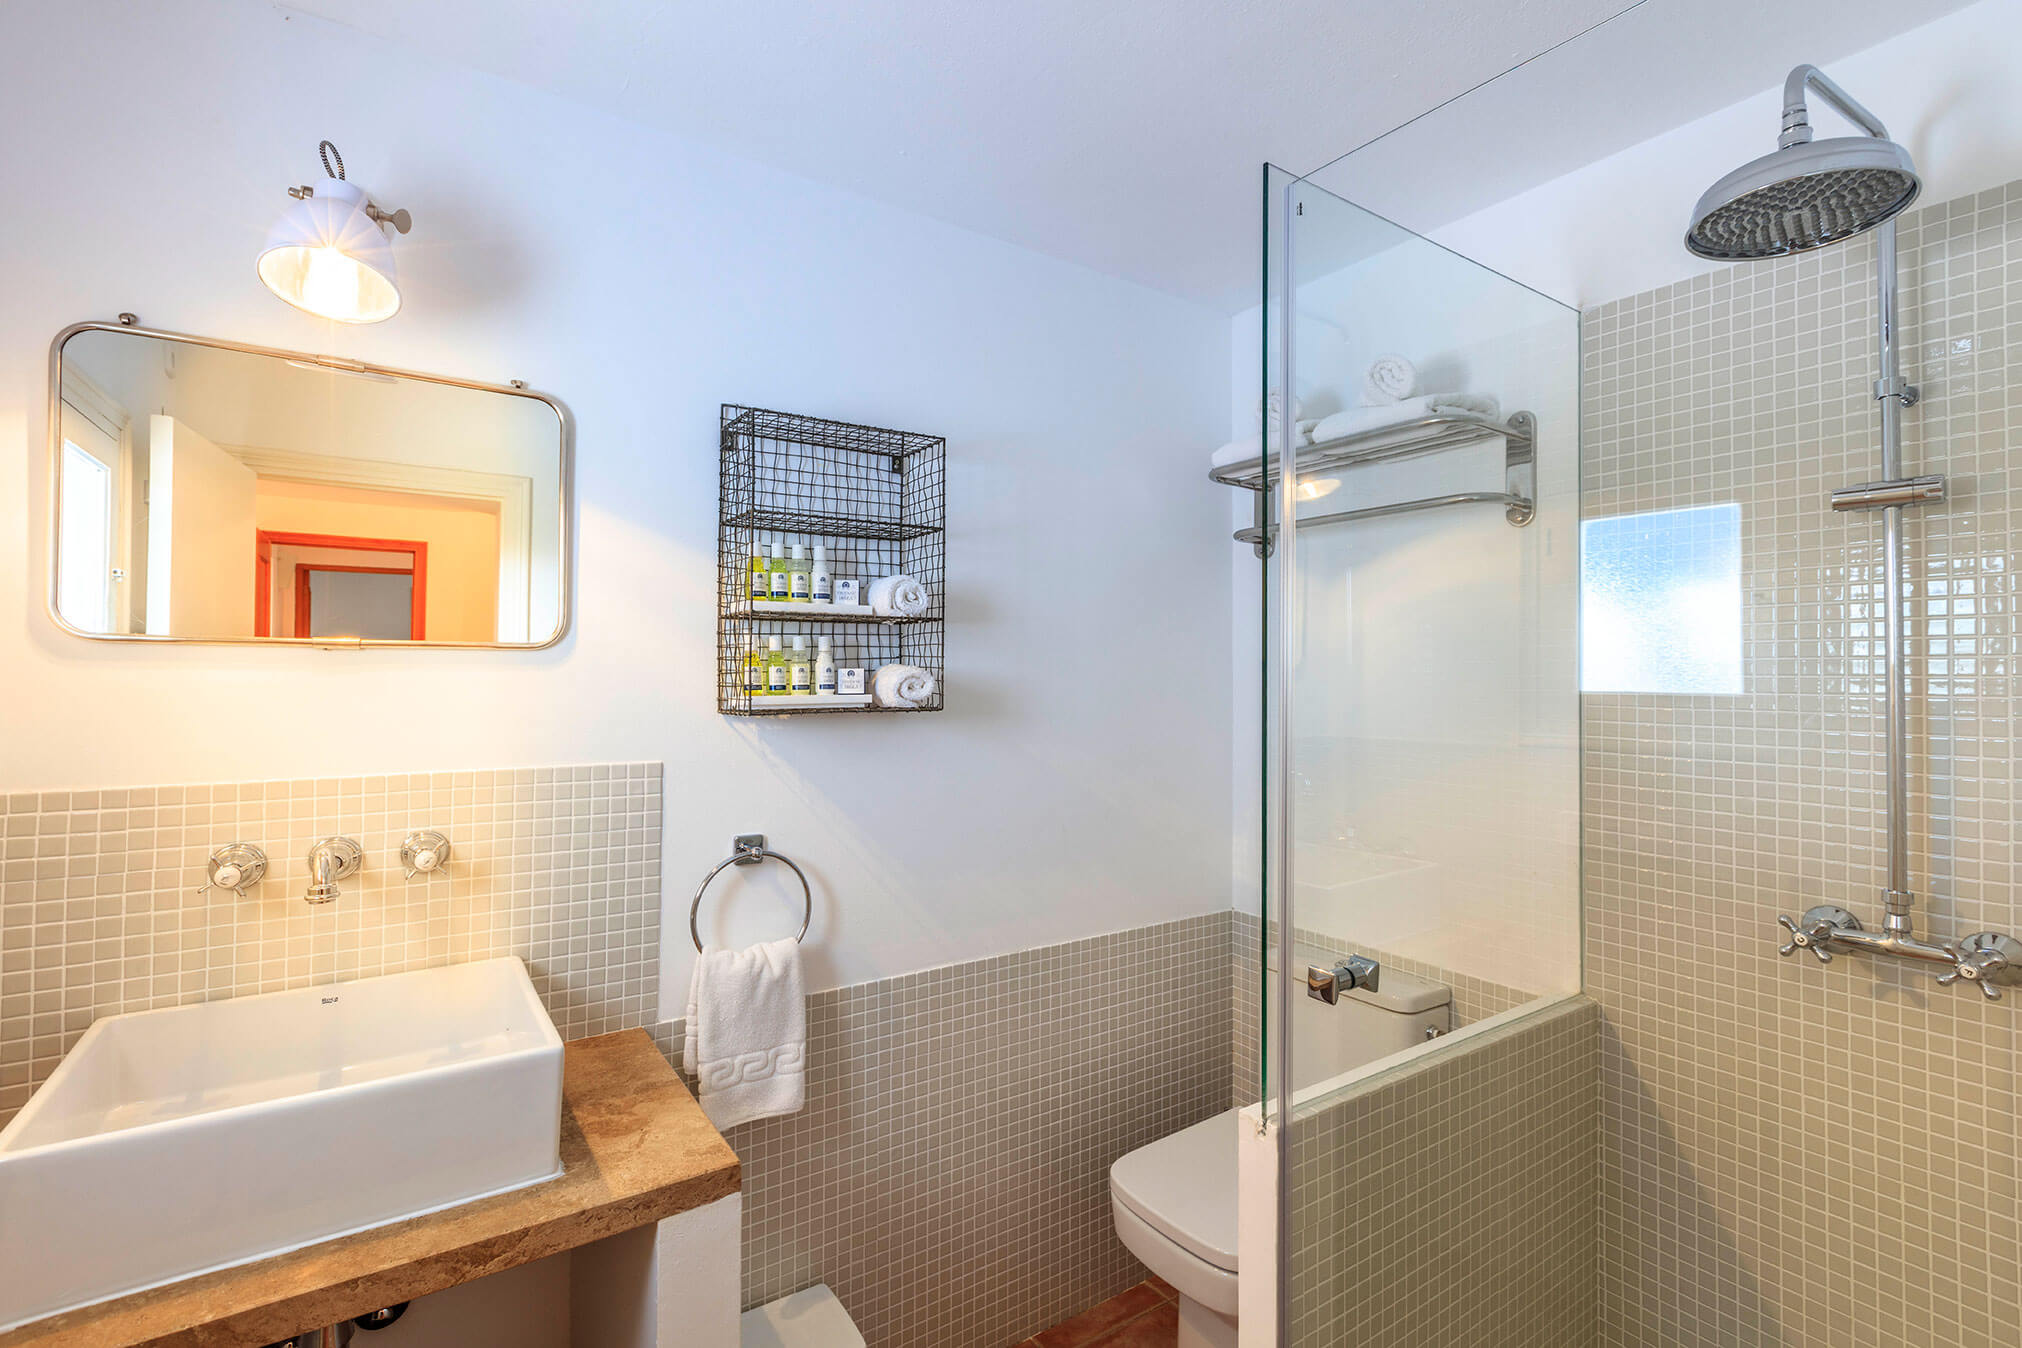 Baño en casa rural Carlets en Formentera. Alojamientos turísticos Cardona. San Francisco Javier, capital de la isla.